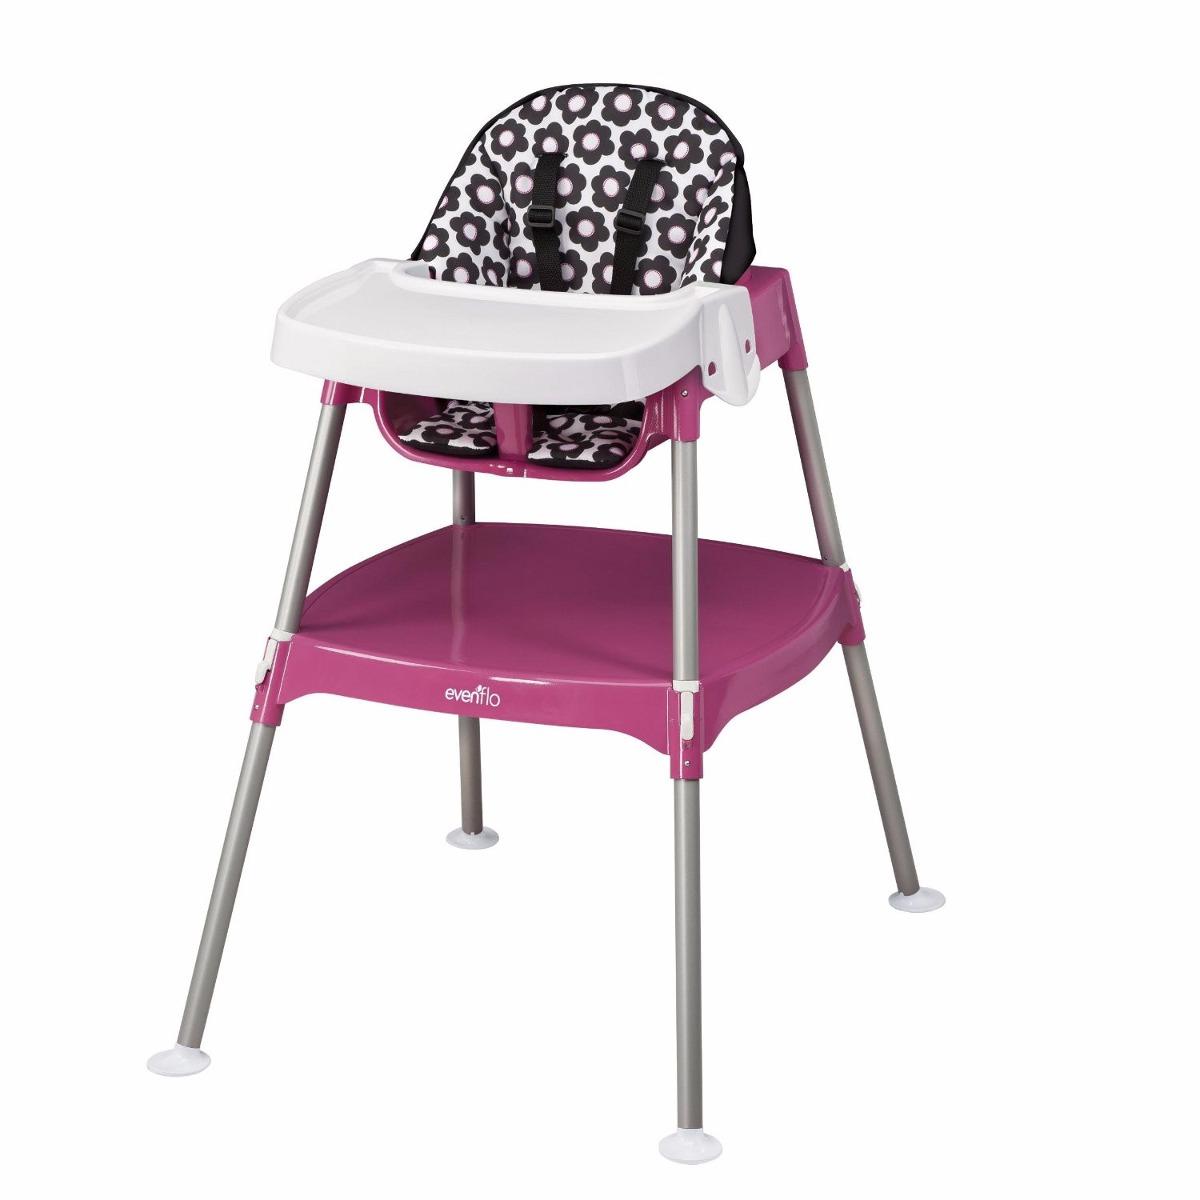 Silla alta sillita mesa 3 en 1 comer periquera bebe evenflo 2 en mercado libre - Silla de mesa para bebe ...